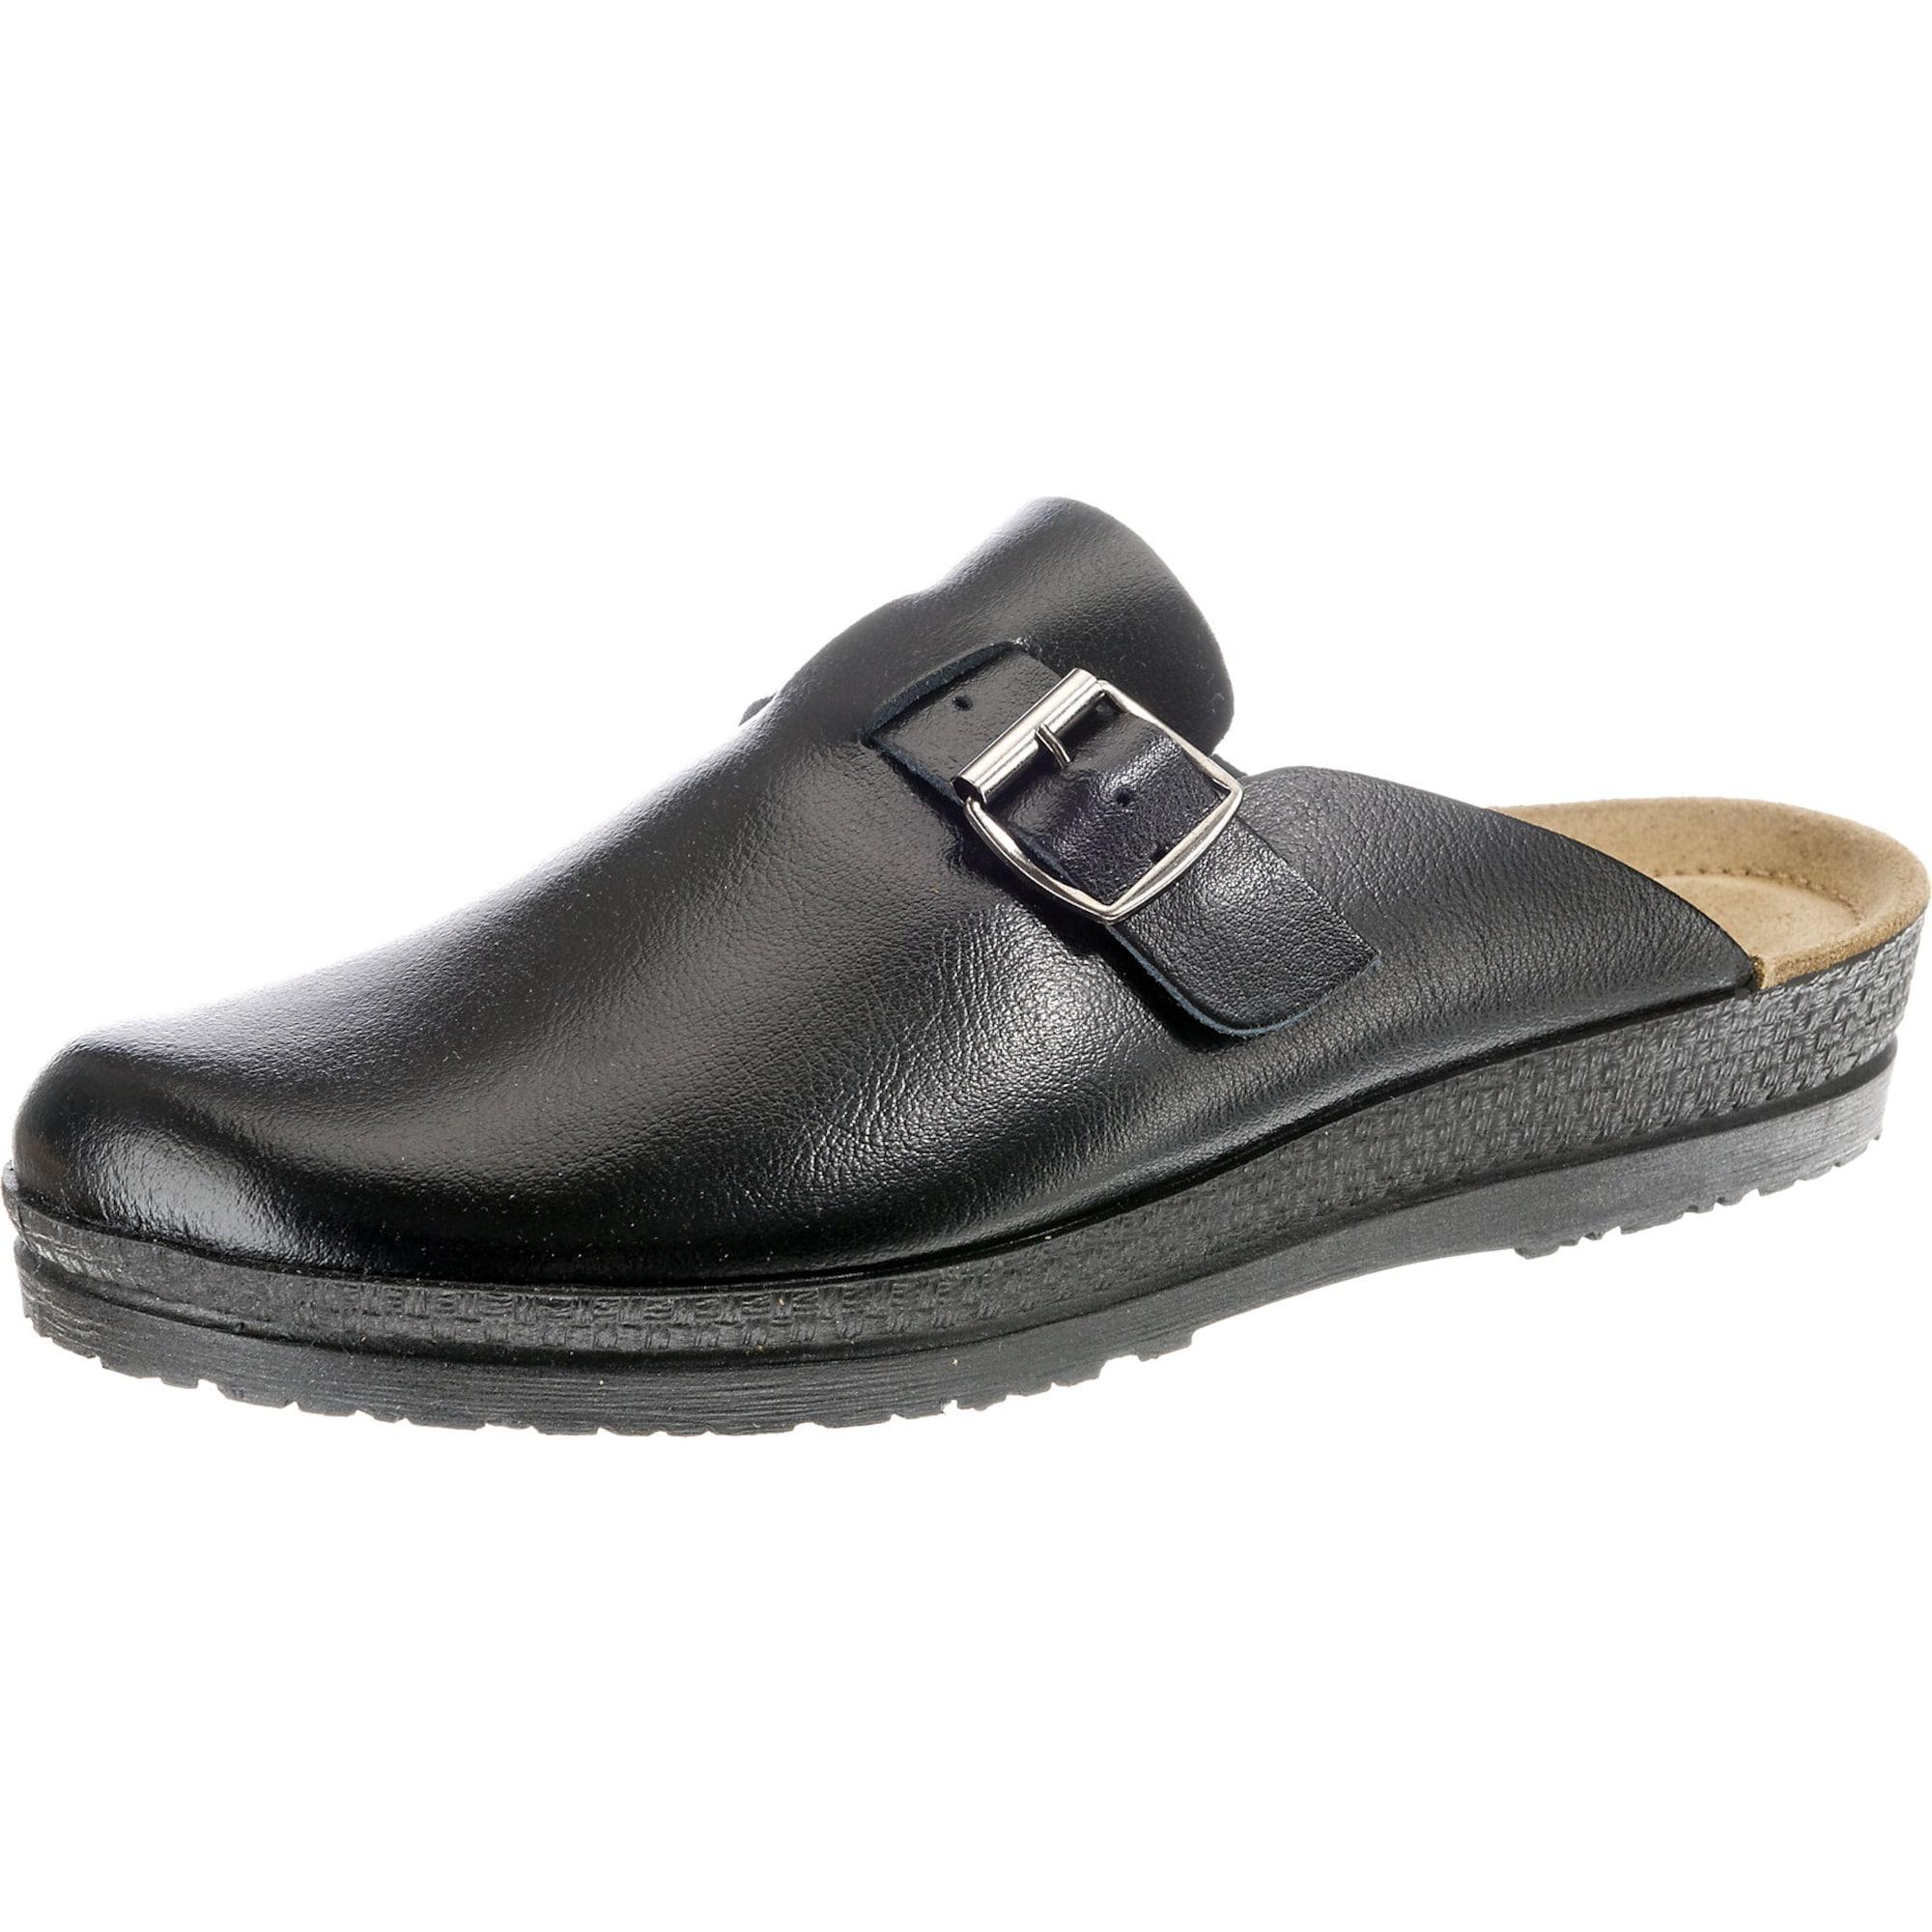 Clogs 'Neustadt G' | Schuhe > Clogs & Pantoletten > Clogs | ROHDE